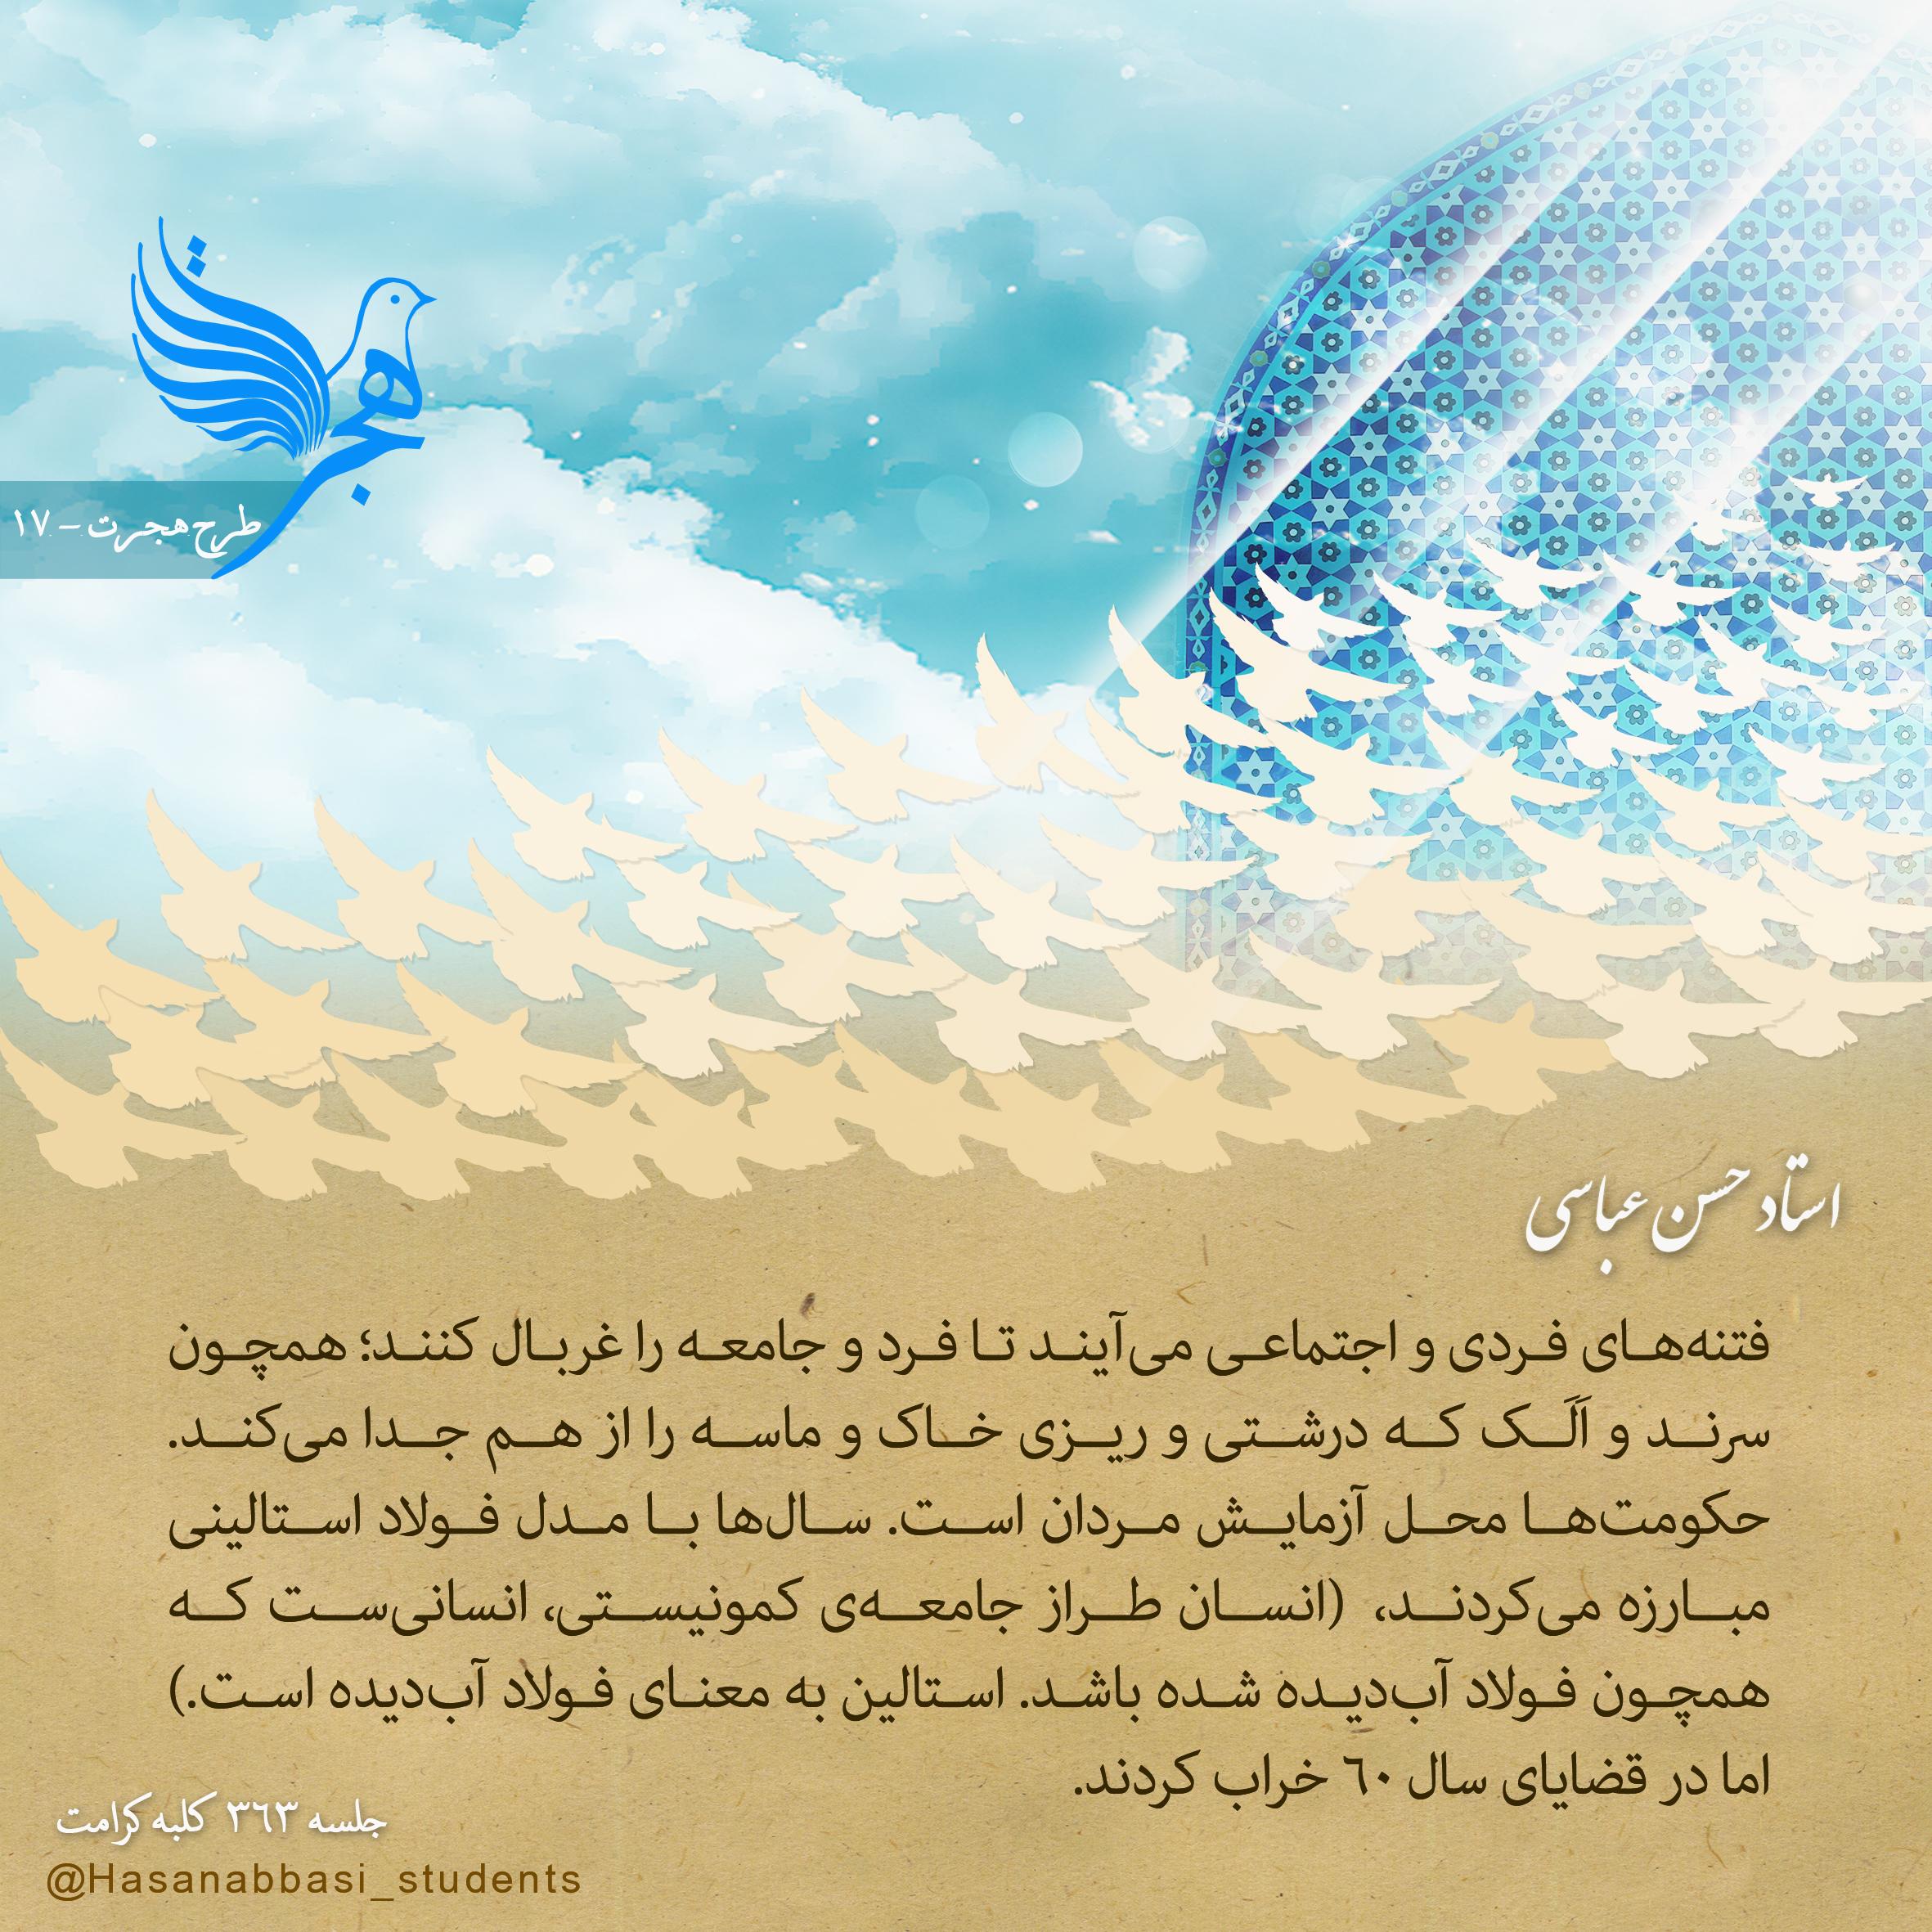 طرح هجرت 17 - «وَ لَنَبْلُوَنَّکُمْ بِشَیْءٍ مِنَ الْخَوْفِ وَ الْجُوعِ وَ نَقْصٍ مِنَ الْأَمْوالِ وَ الْأَنْفُسِ وَ الثَّمَراتِ وَ بَشِّرِ الصَّابِرینَ»